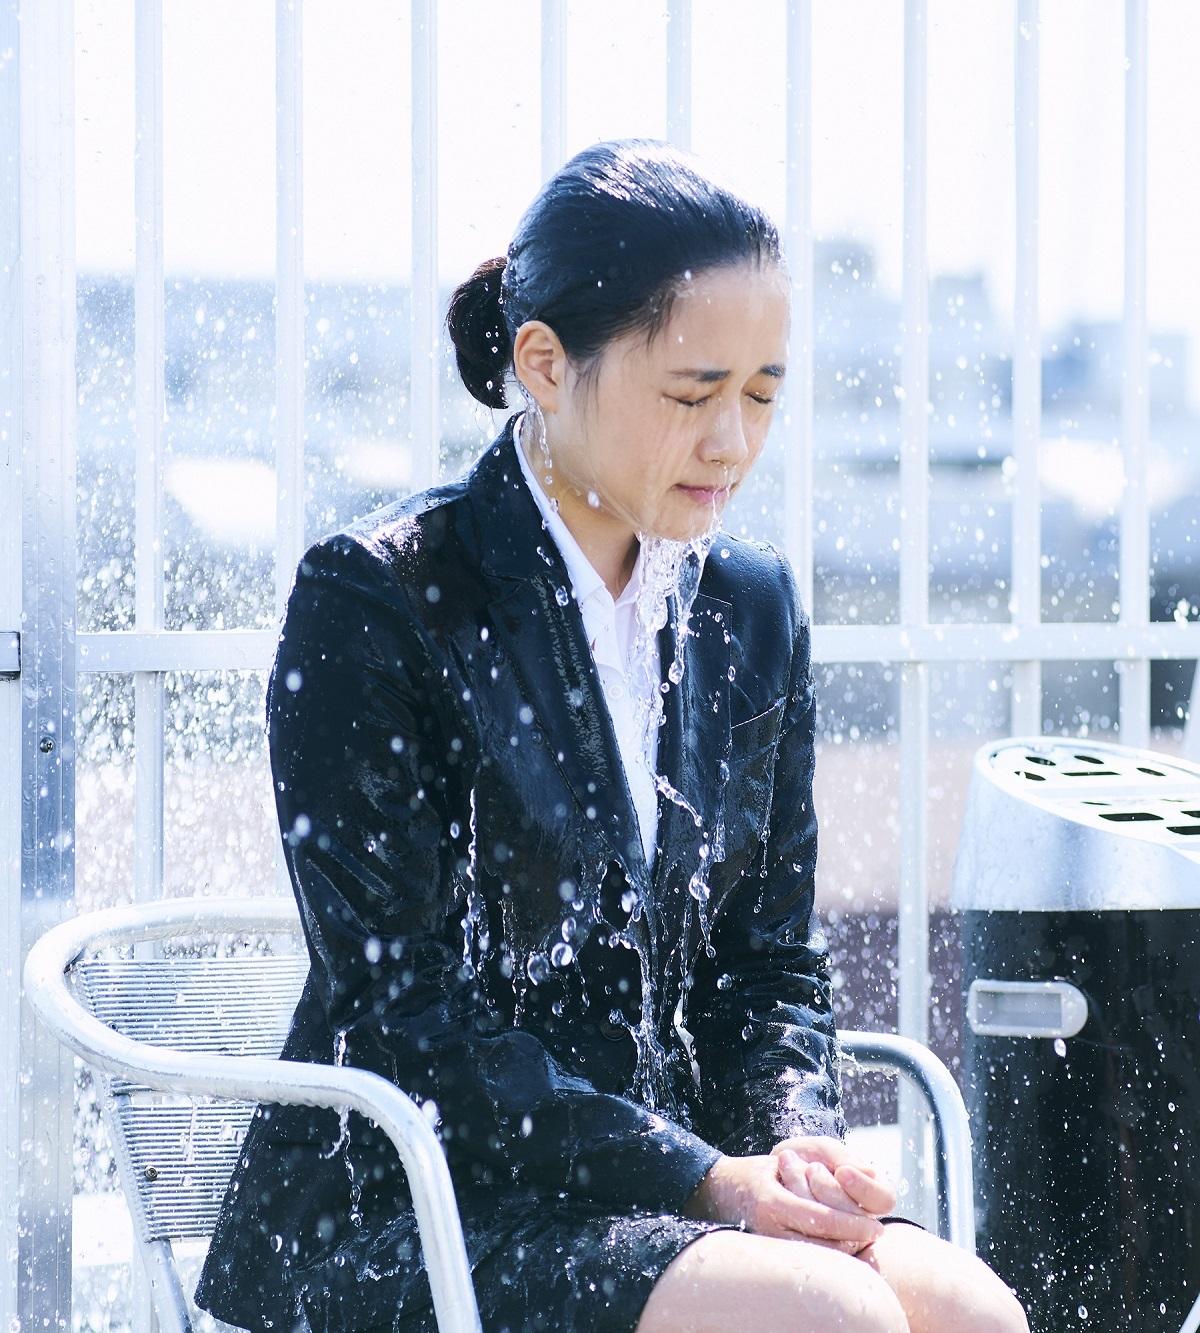 大原櫻子 (C)「びしょ濡れ探偵 水野羽衣」製作委員会